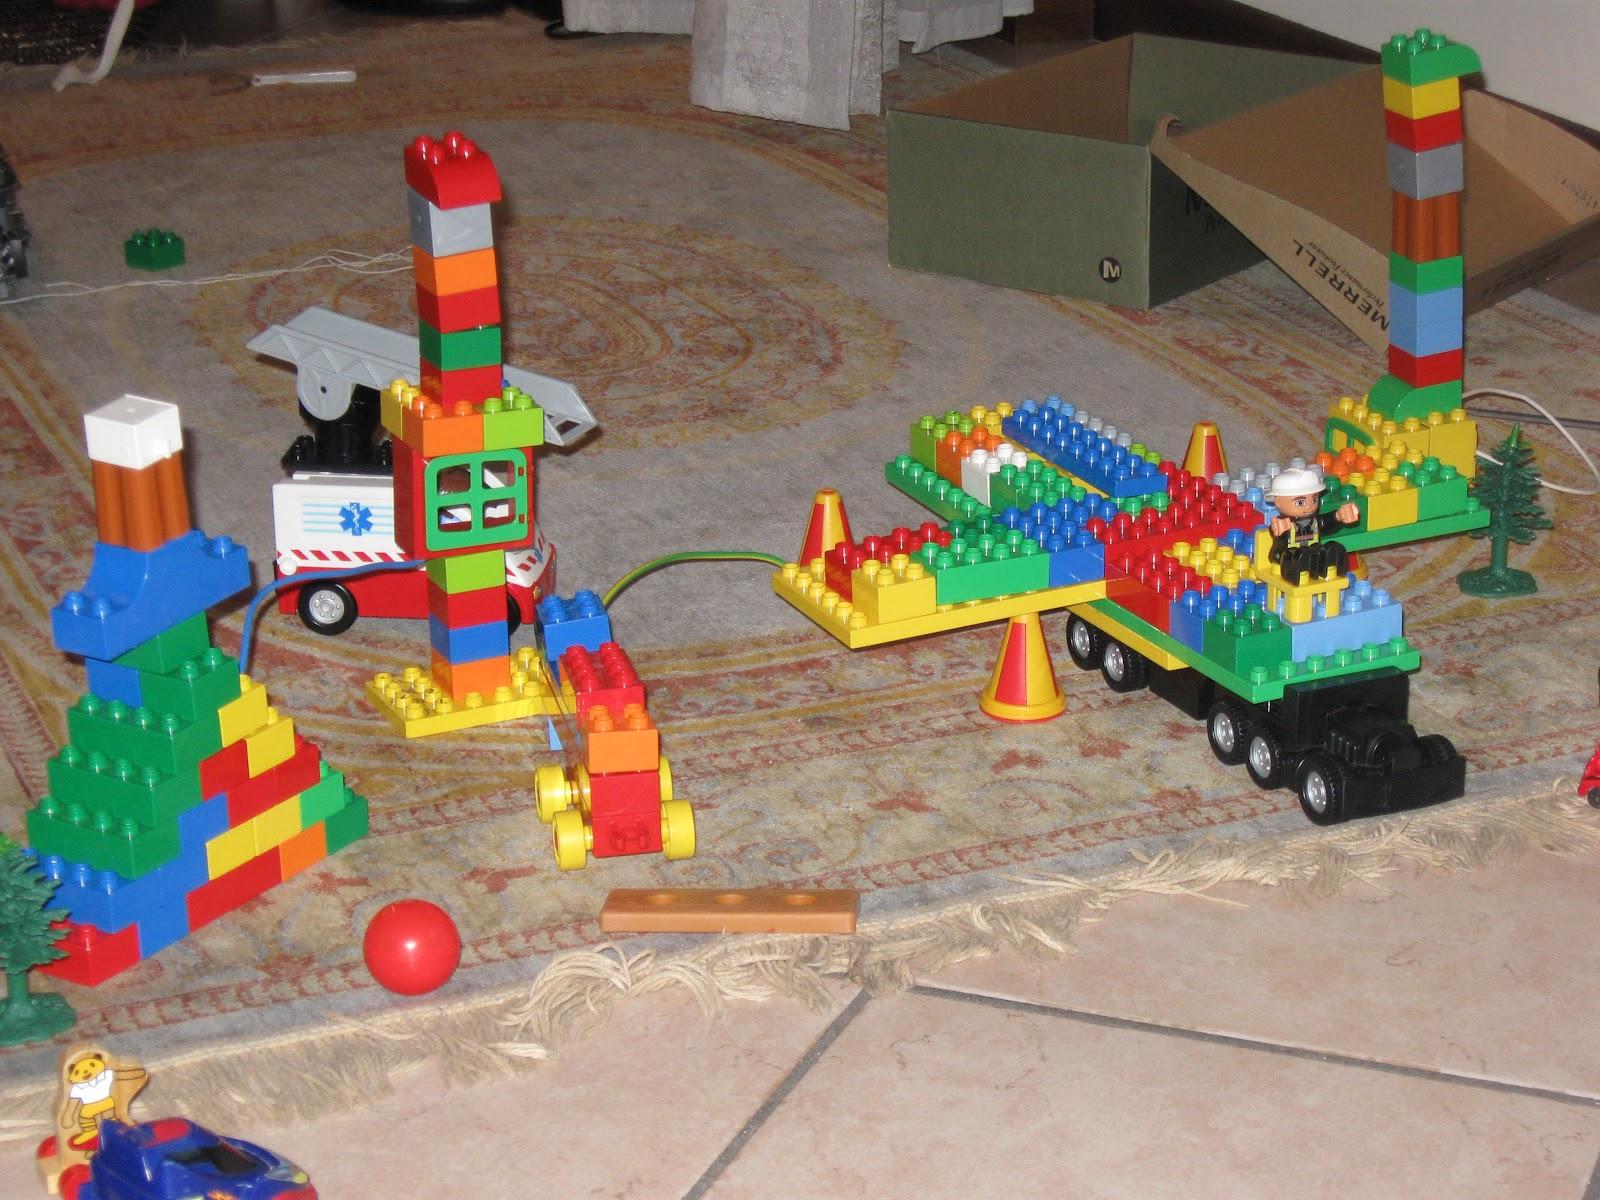 Aeroporto Lego : Creazioni con i lego ed altro by giovi il primo